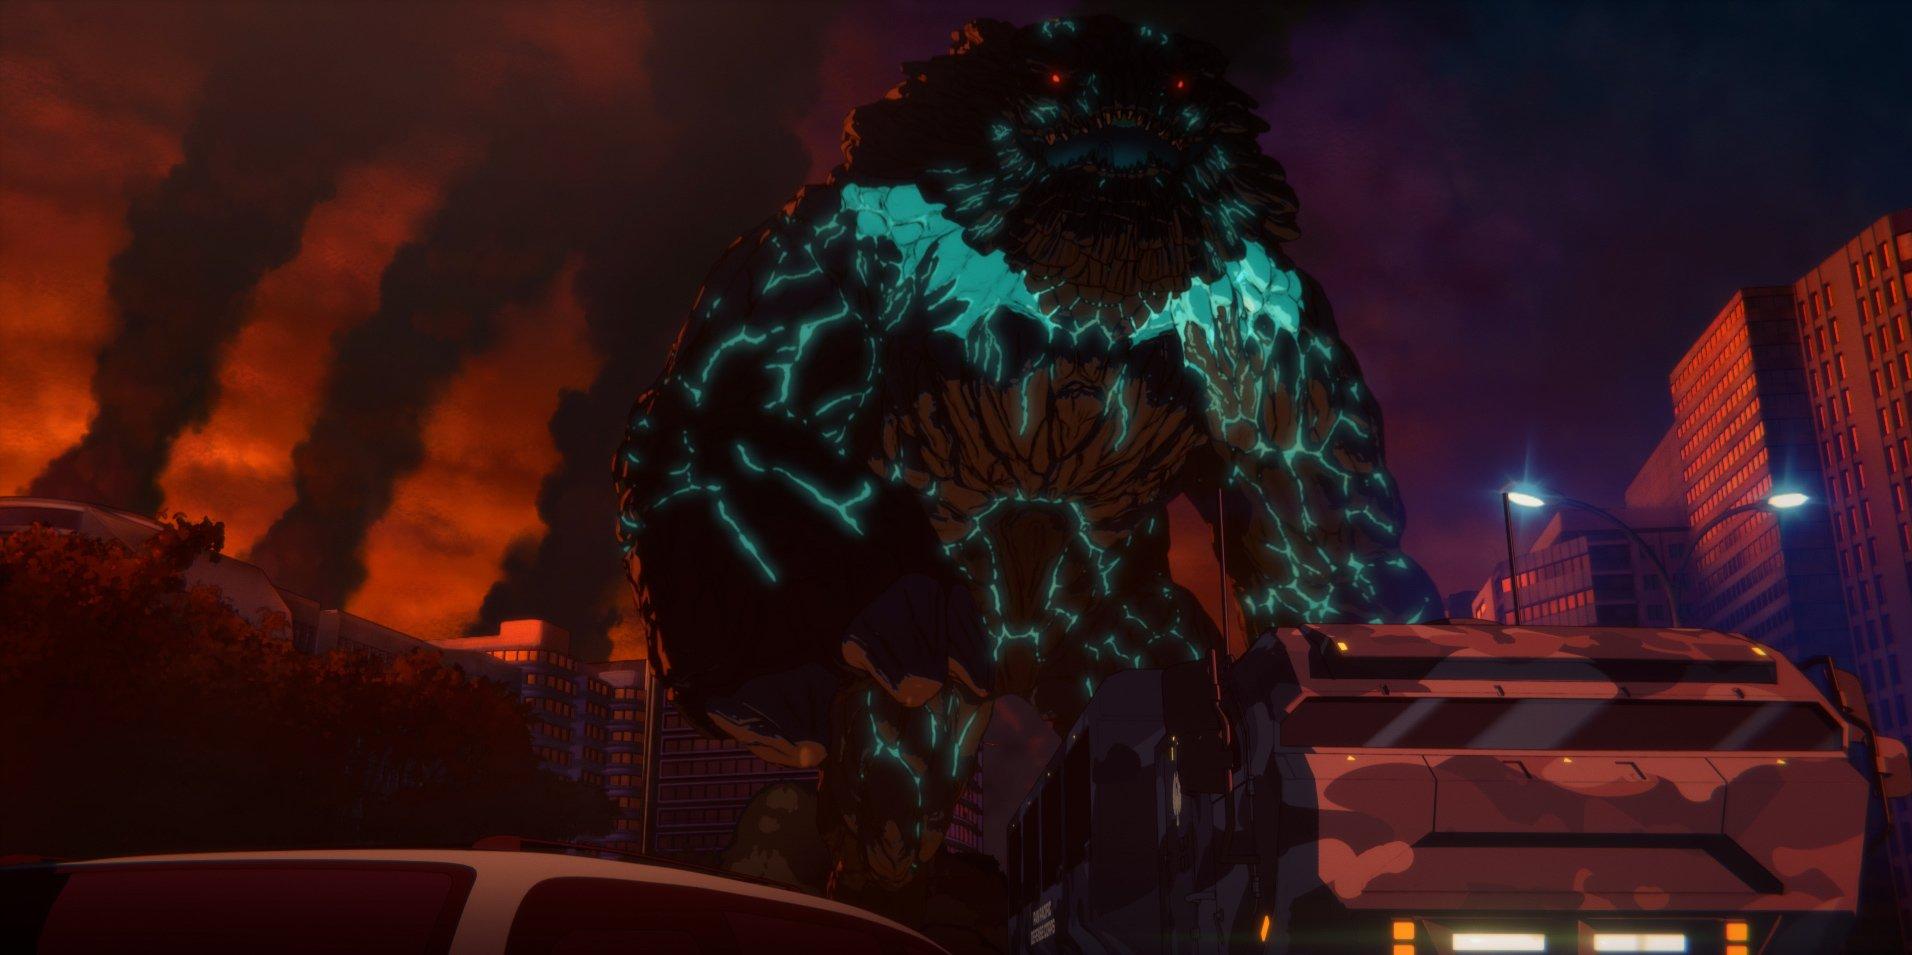 Imagen oficial de Pacific Rim The Black con un monstruo de grandes proporciones destruyendo la ciudad.